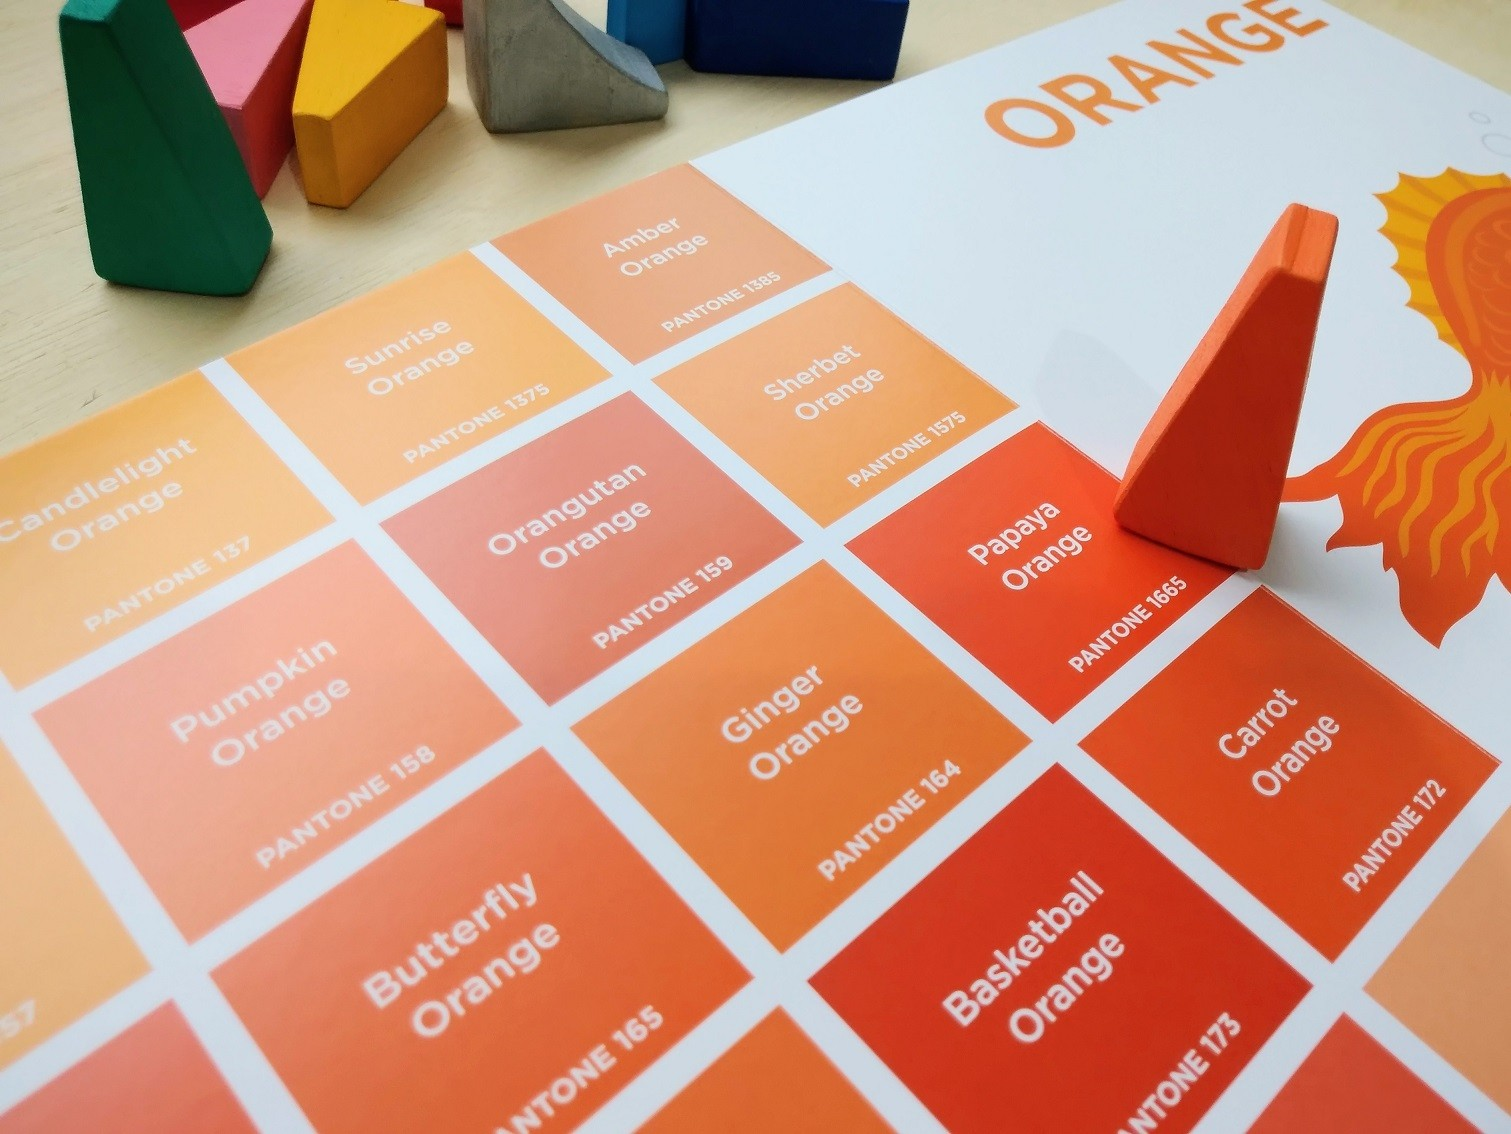 Kit Livro Pantone Colors + Brinquedo de madeira Arco-Íris Diferente 2, Cód. LP022 + PP-014